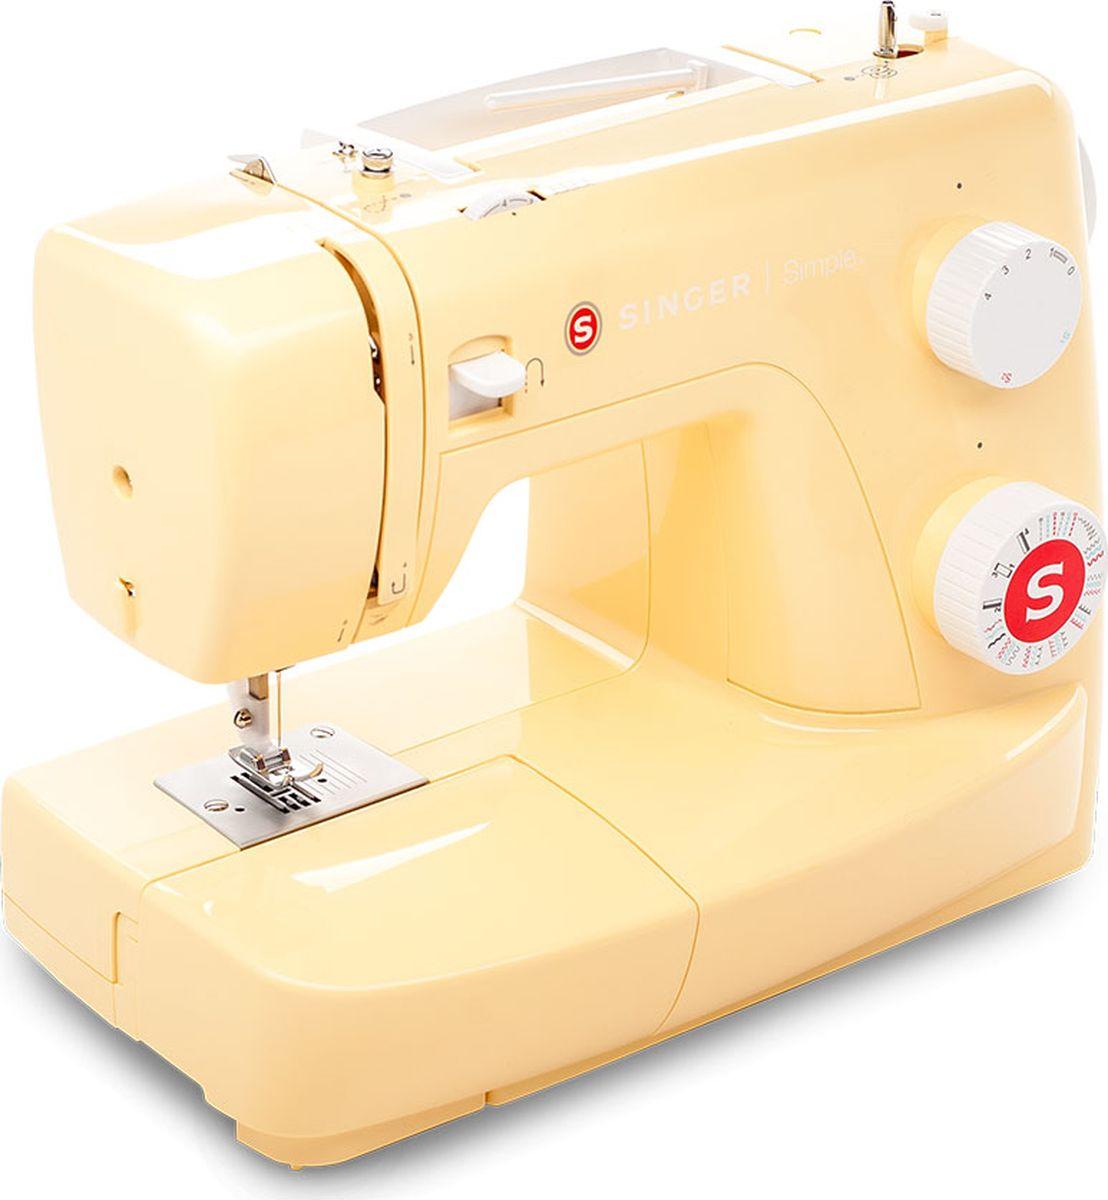 Singer Simple 3223, Yellow швейная машина - Швейные машины и аксессуары